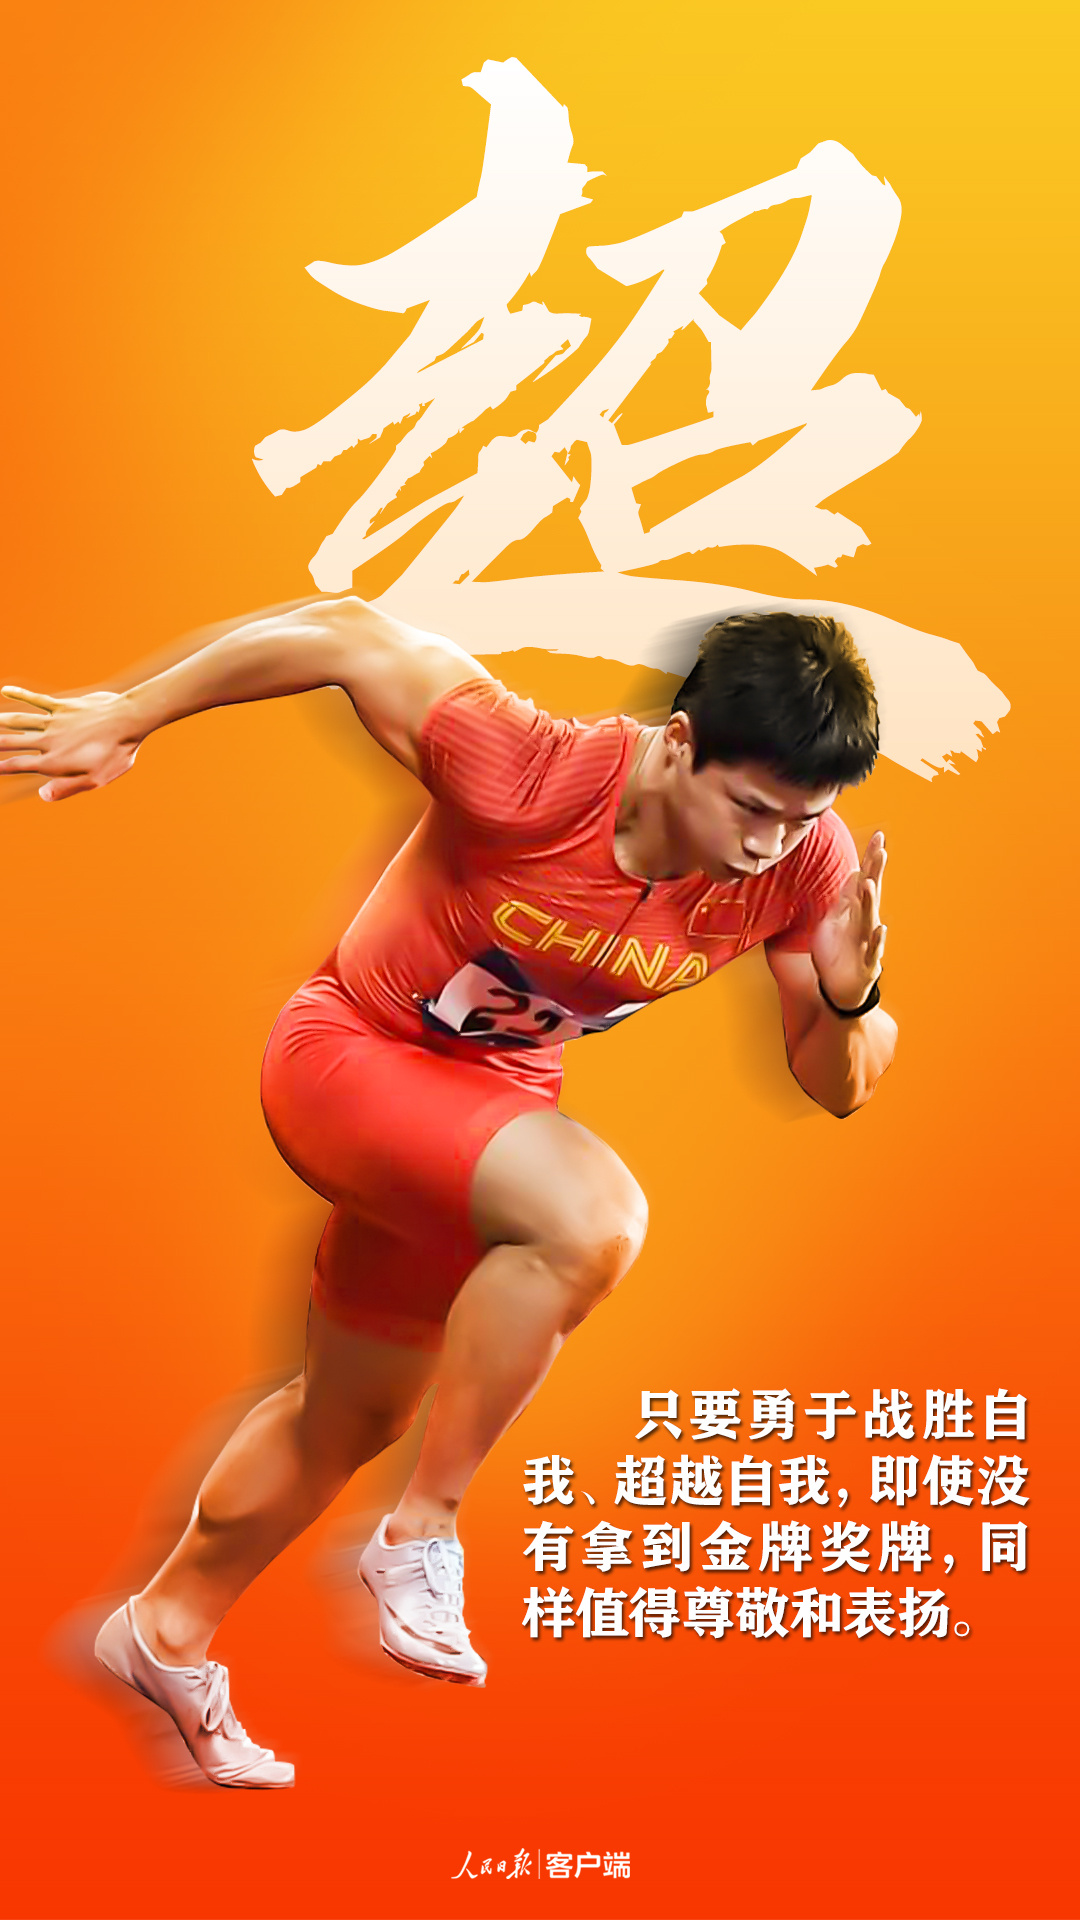 习近平心中的奥林匹克精神4.jpeg